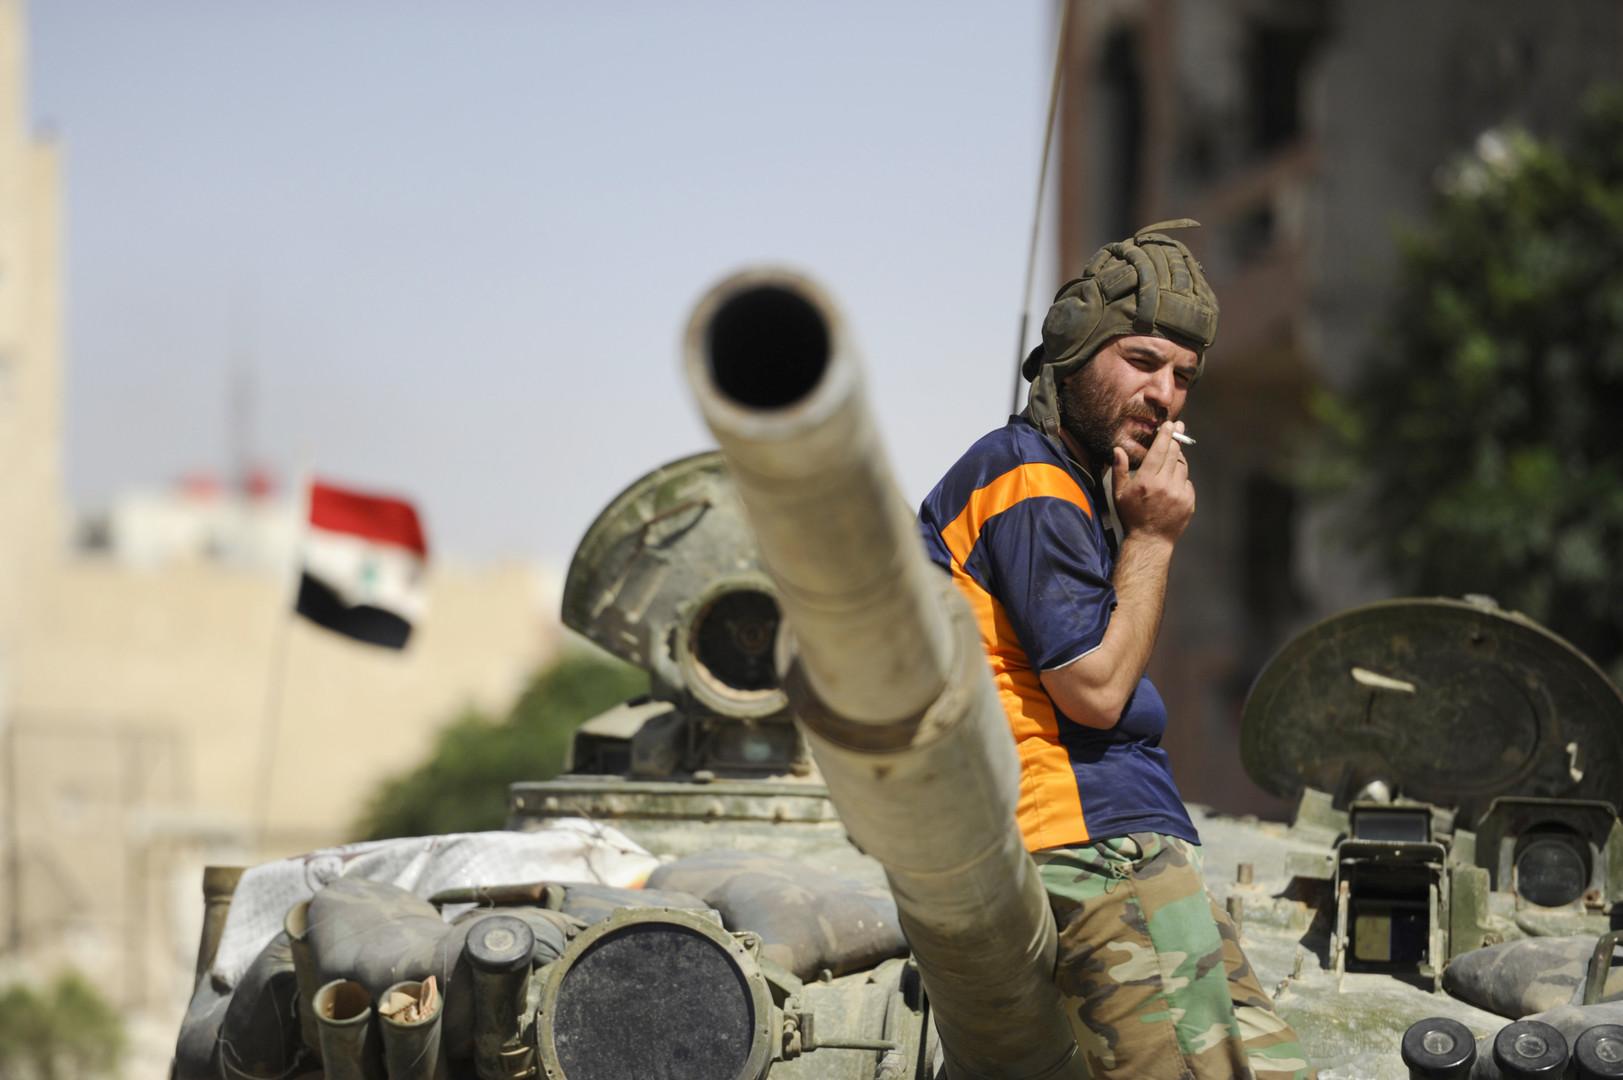 الجيش السوري: نرصد تحضيرات المسلحين في إدلب لمهاجمة ريفي حماة واللاذقية